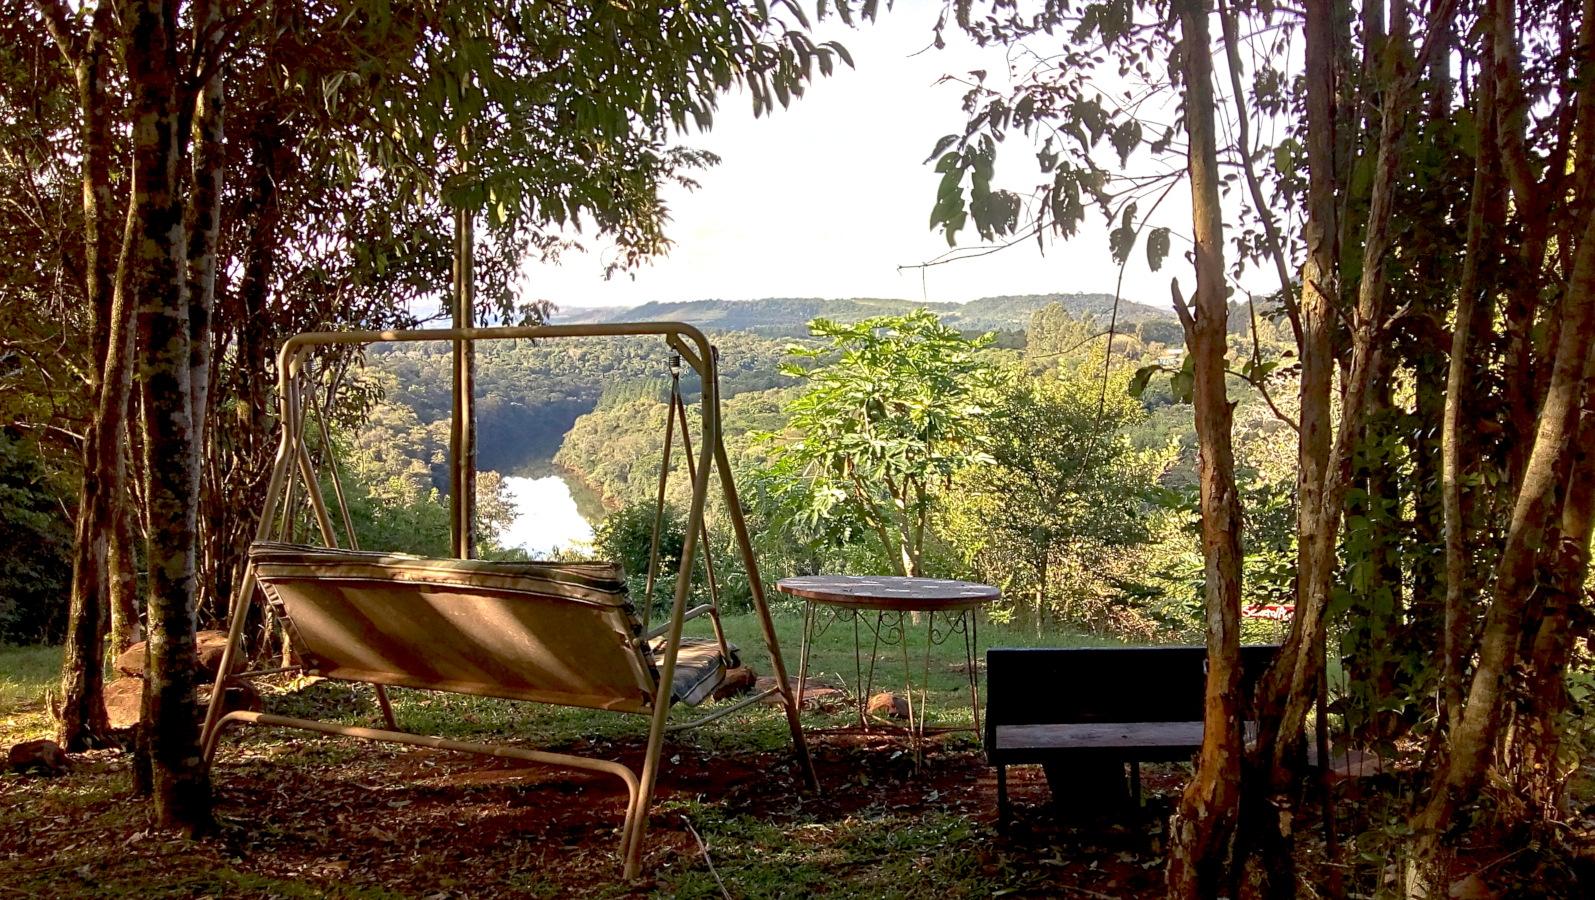 Vista al arroyo Soberbio, cabañas Buena Vista, moconá, Misiones